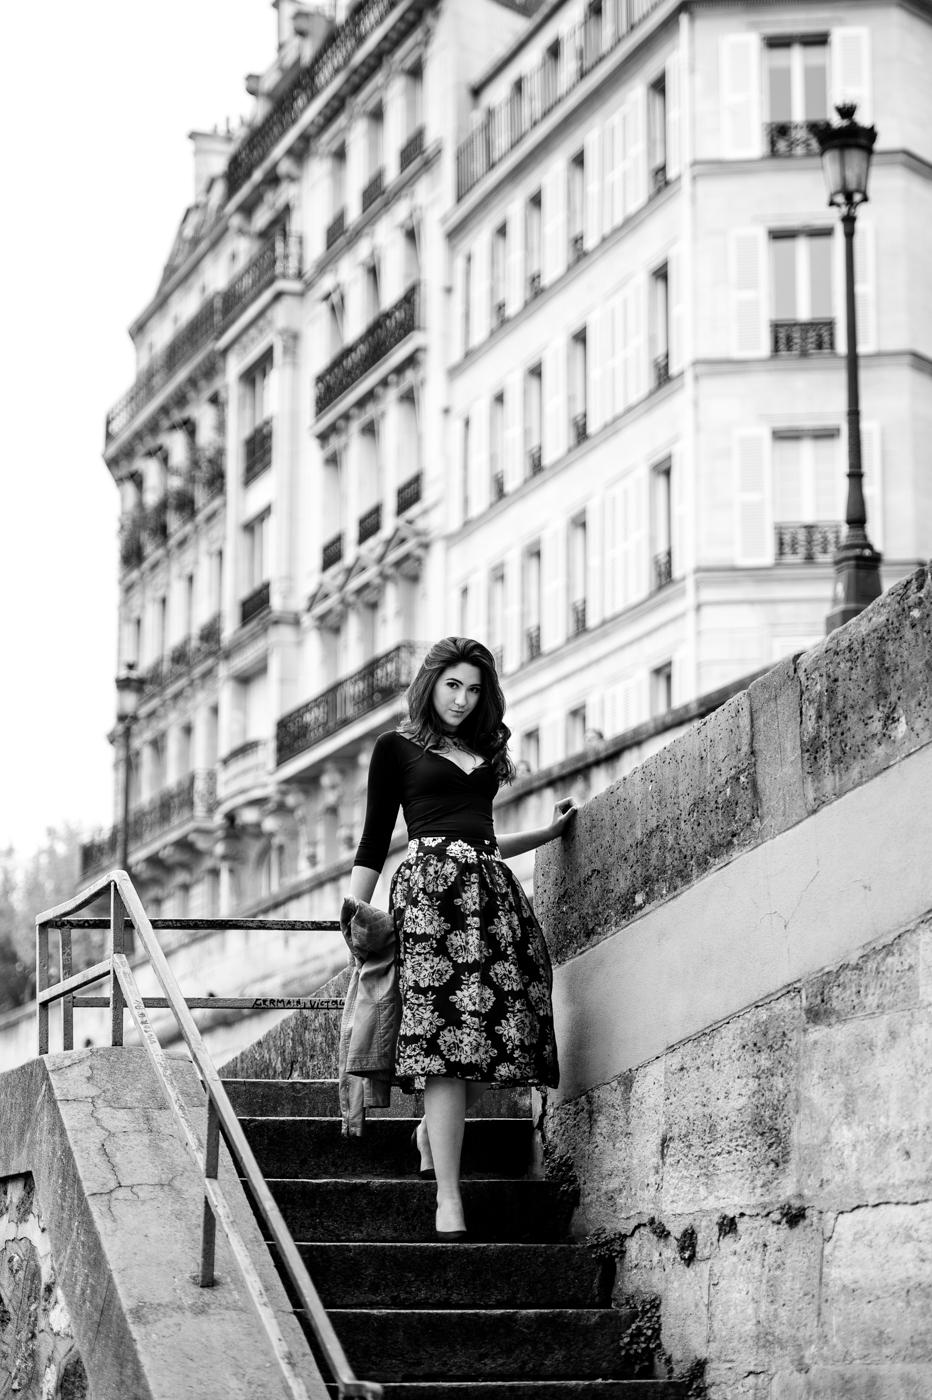 dicas de viagem a paris